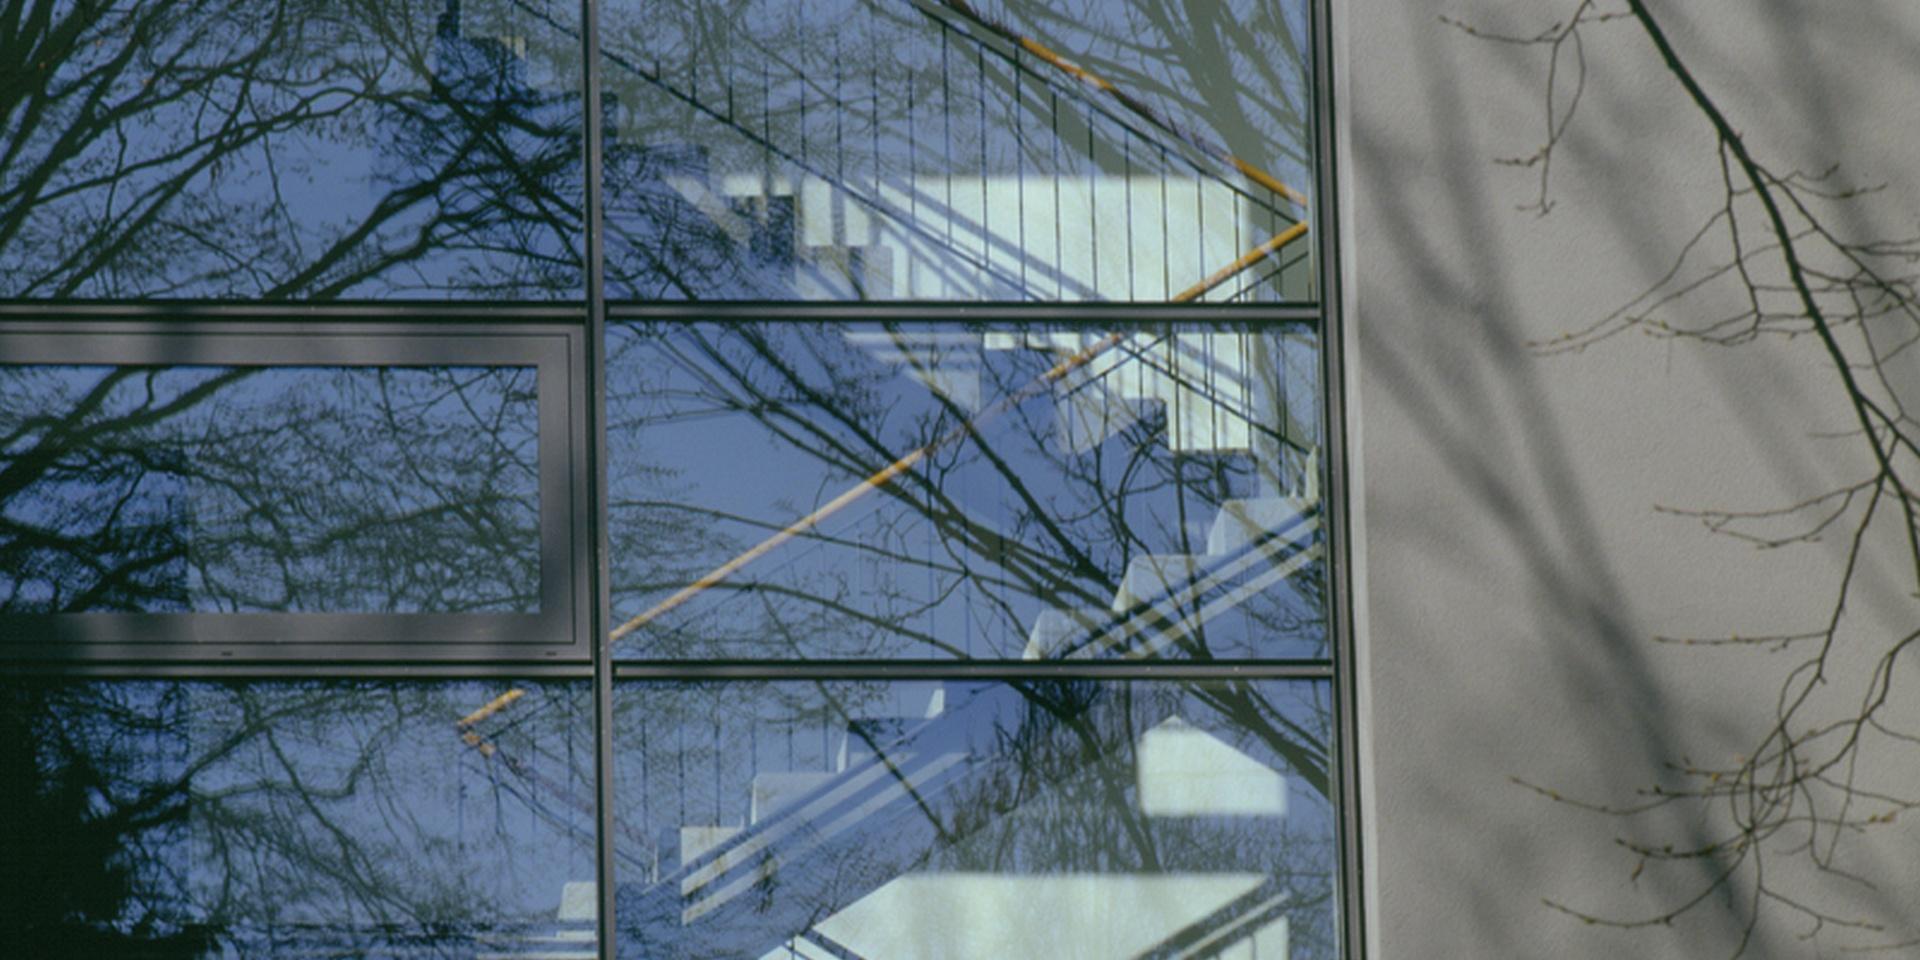 Architekten Frankfurt – Neubau Mehrfamilienhaus in Mainz, Architekturbüro Frick.Reichert Architekten